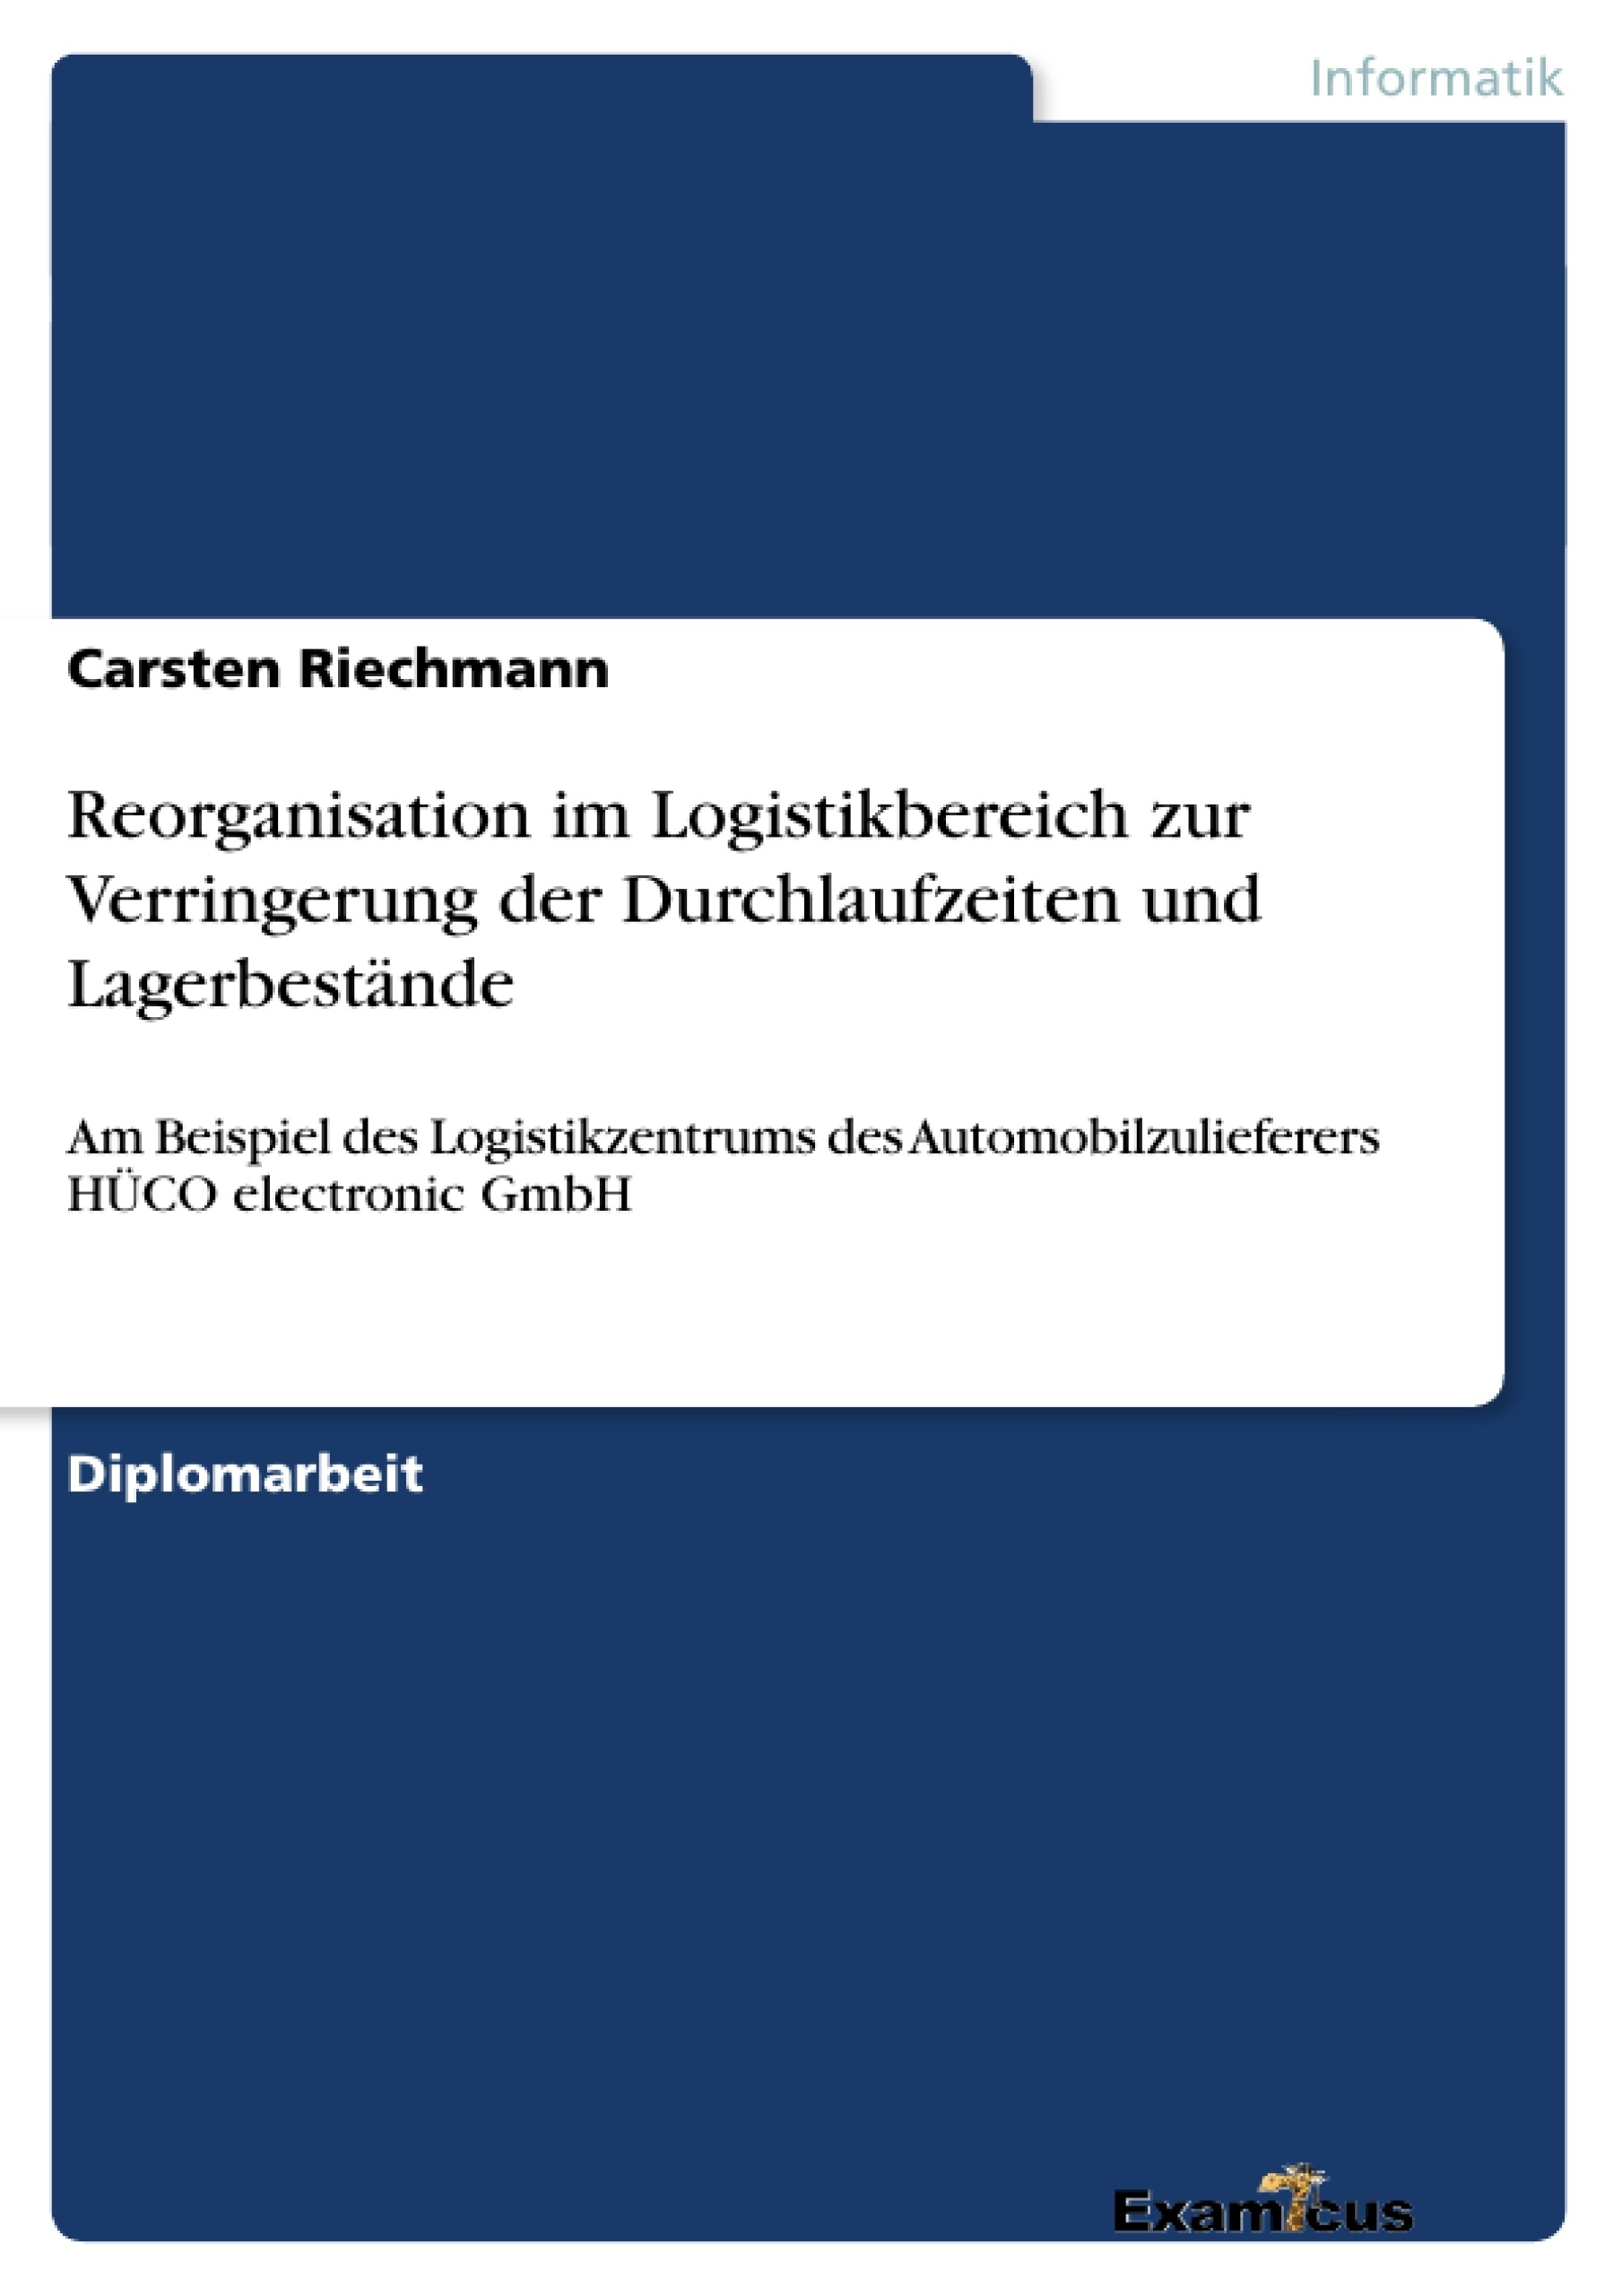 Titel: Reorganisation im Logistikbereich zur Verringerung der Durchlaufzeiten und Lagerbestände